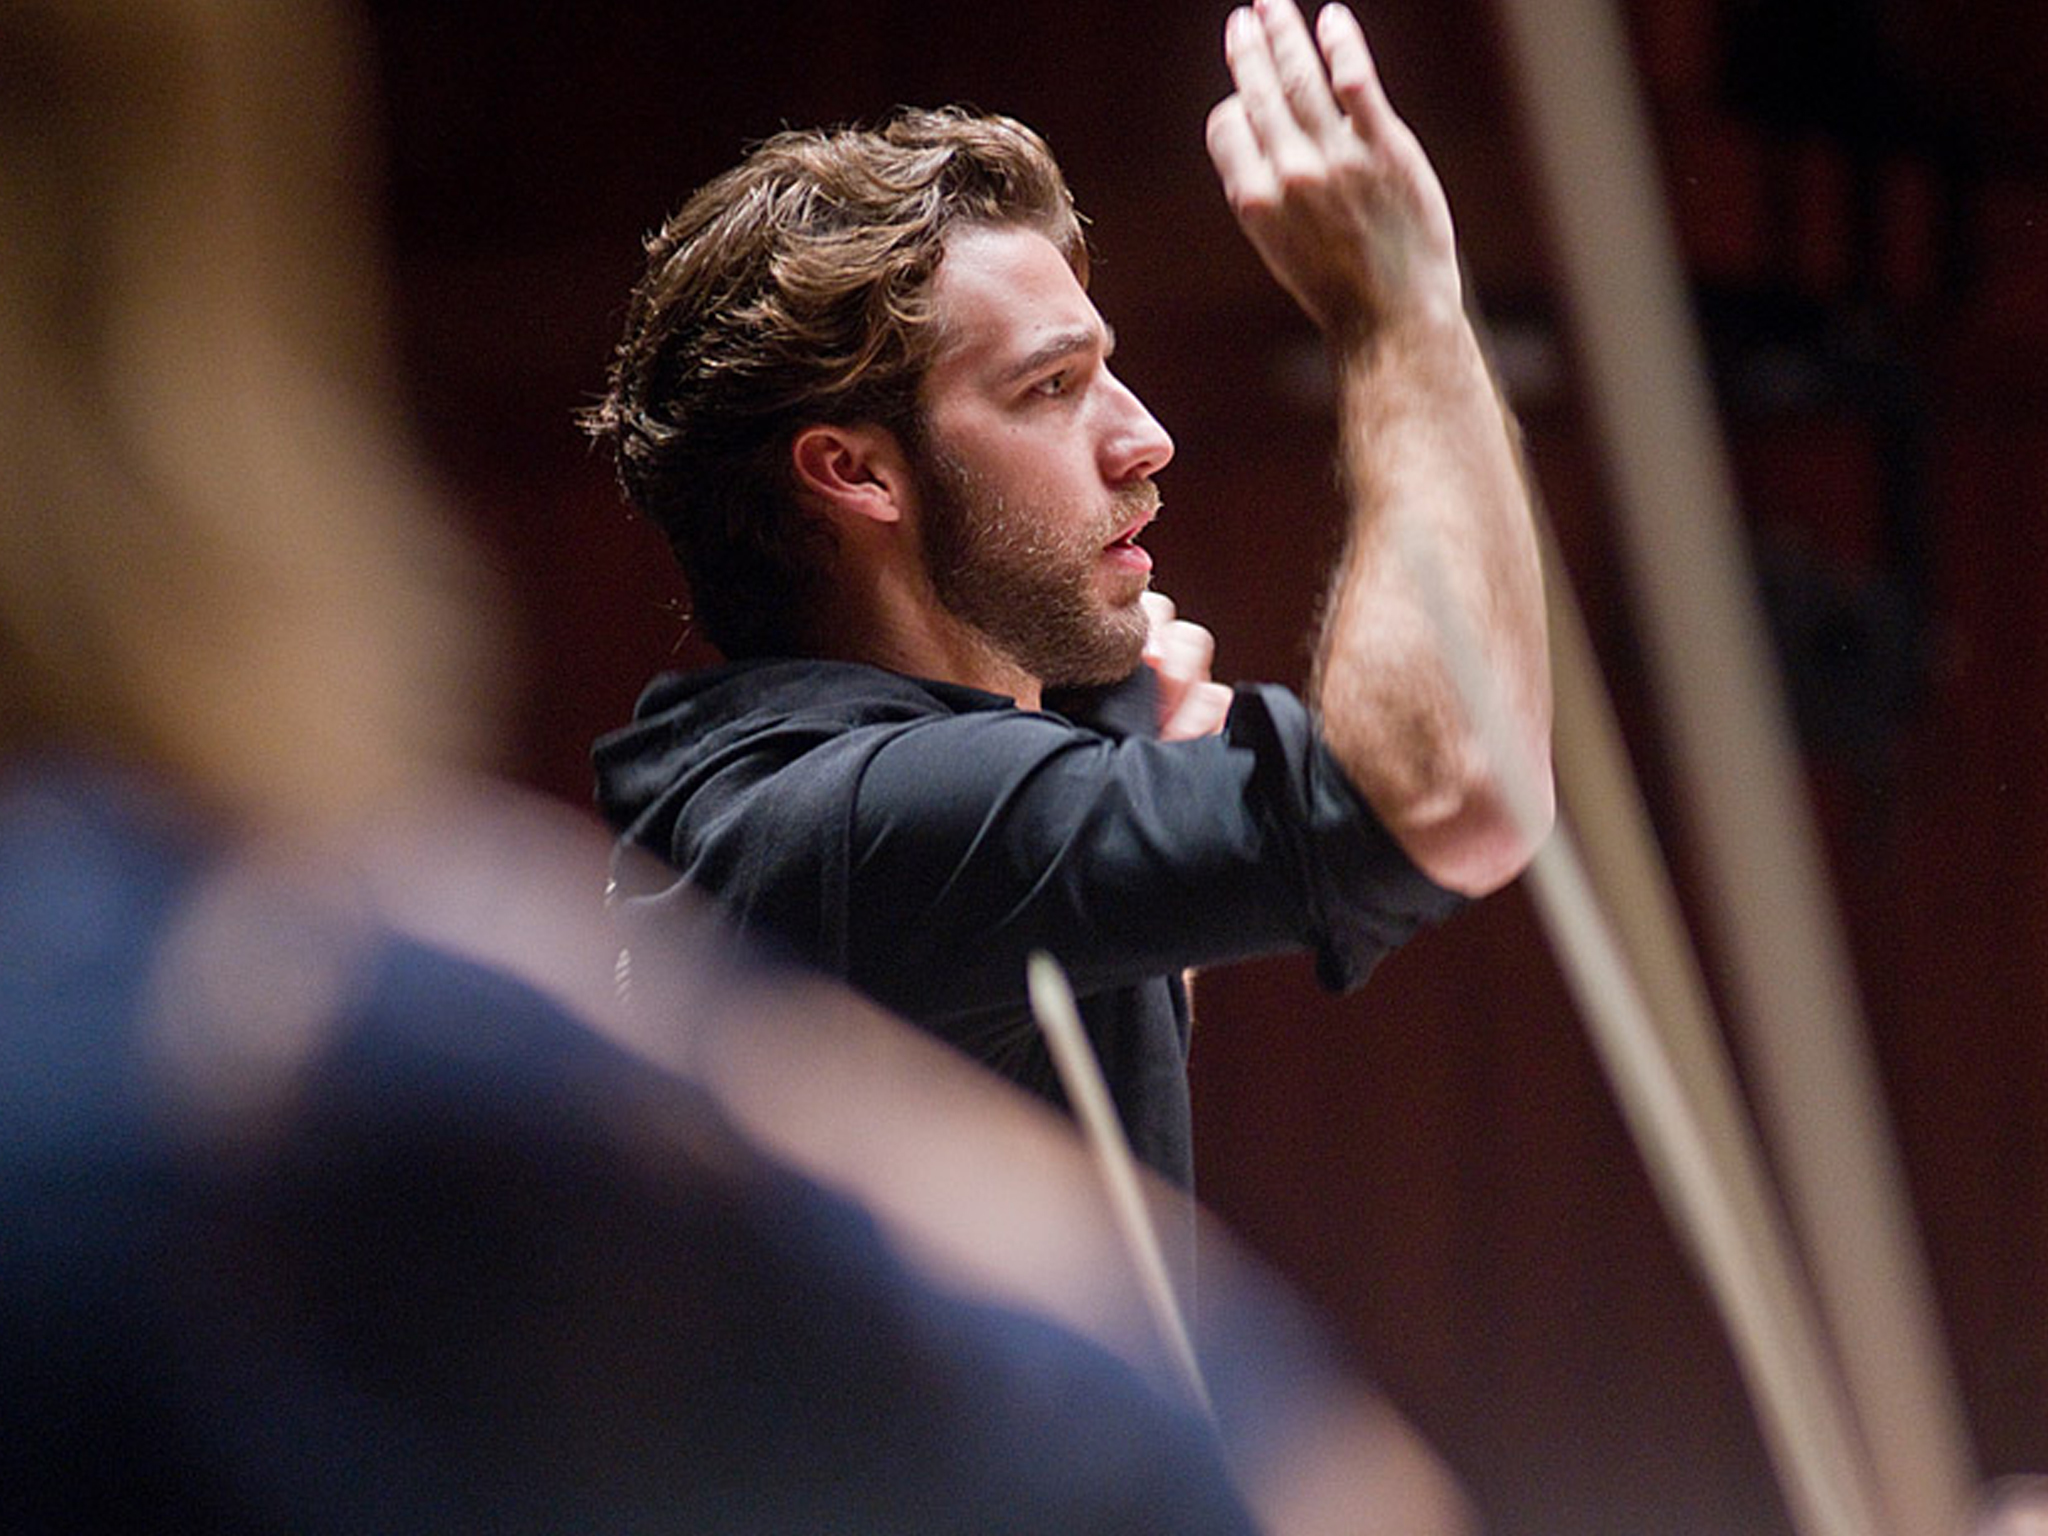 Orquestra Gulbenkian regressa aos concertos com sinfonias de Beethoven